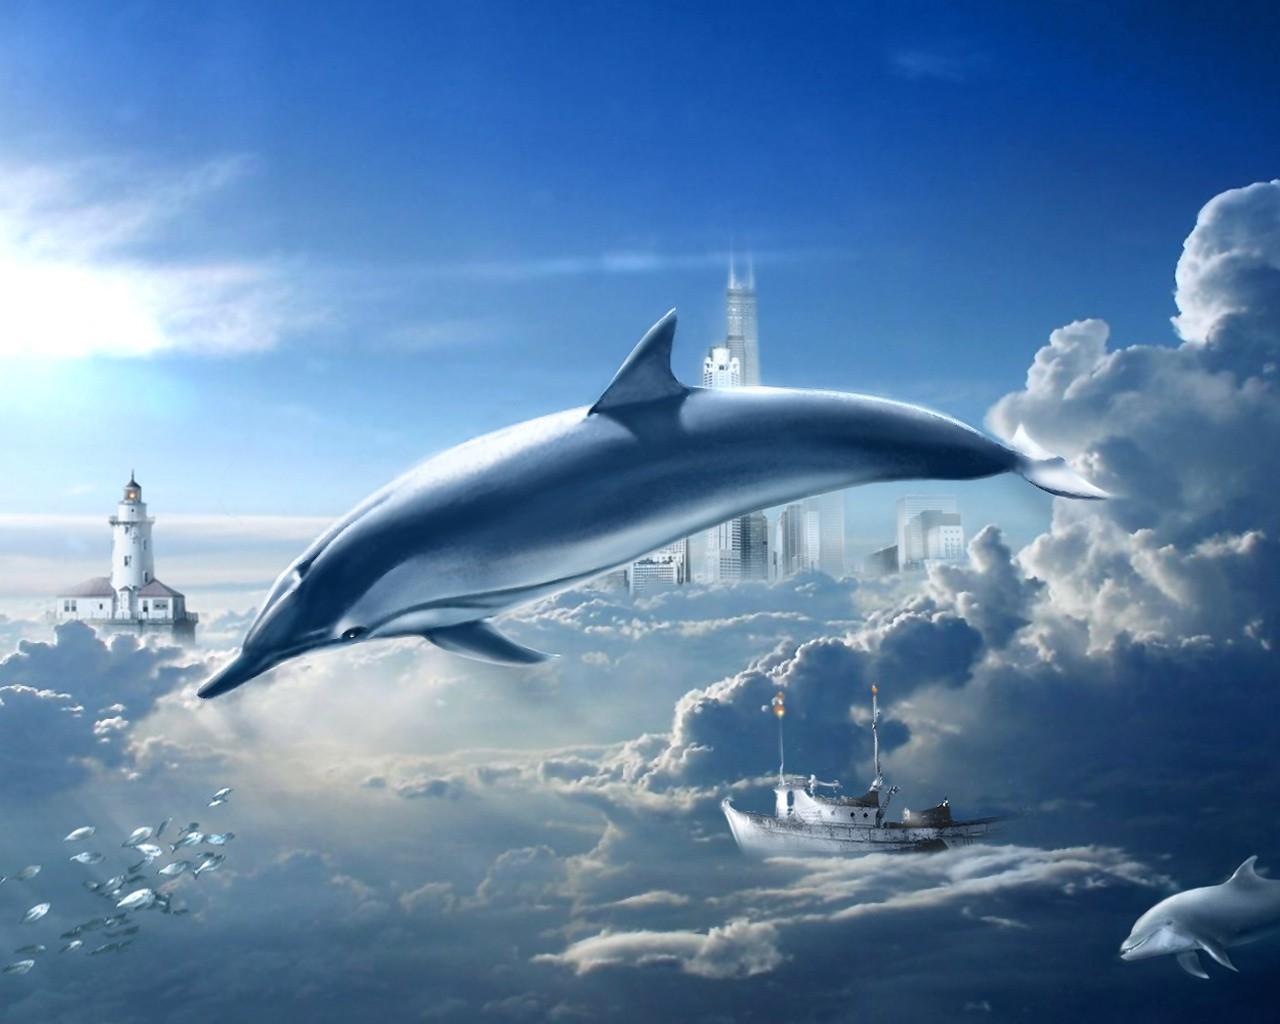 Дельфин в воздухе, фото, скачать обои для рабочего стола